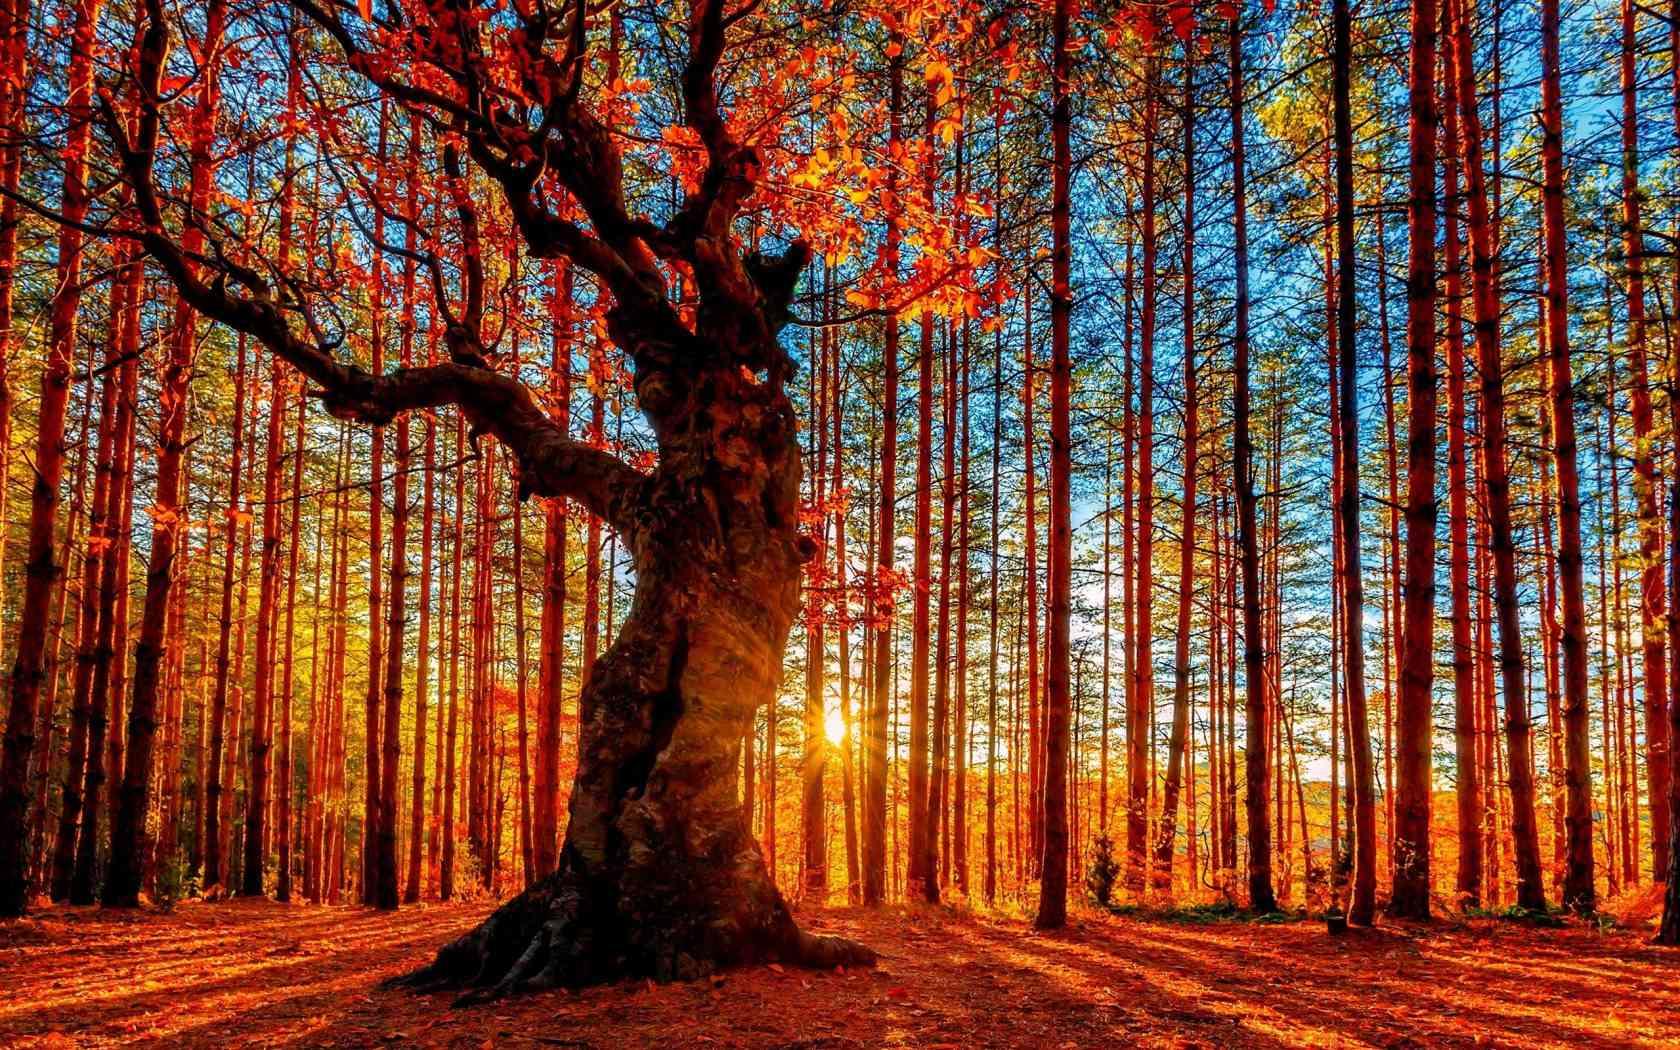 秋季摄影的20个秘诀,拍摄时请对照使用,让您的作品脱颖而出